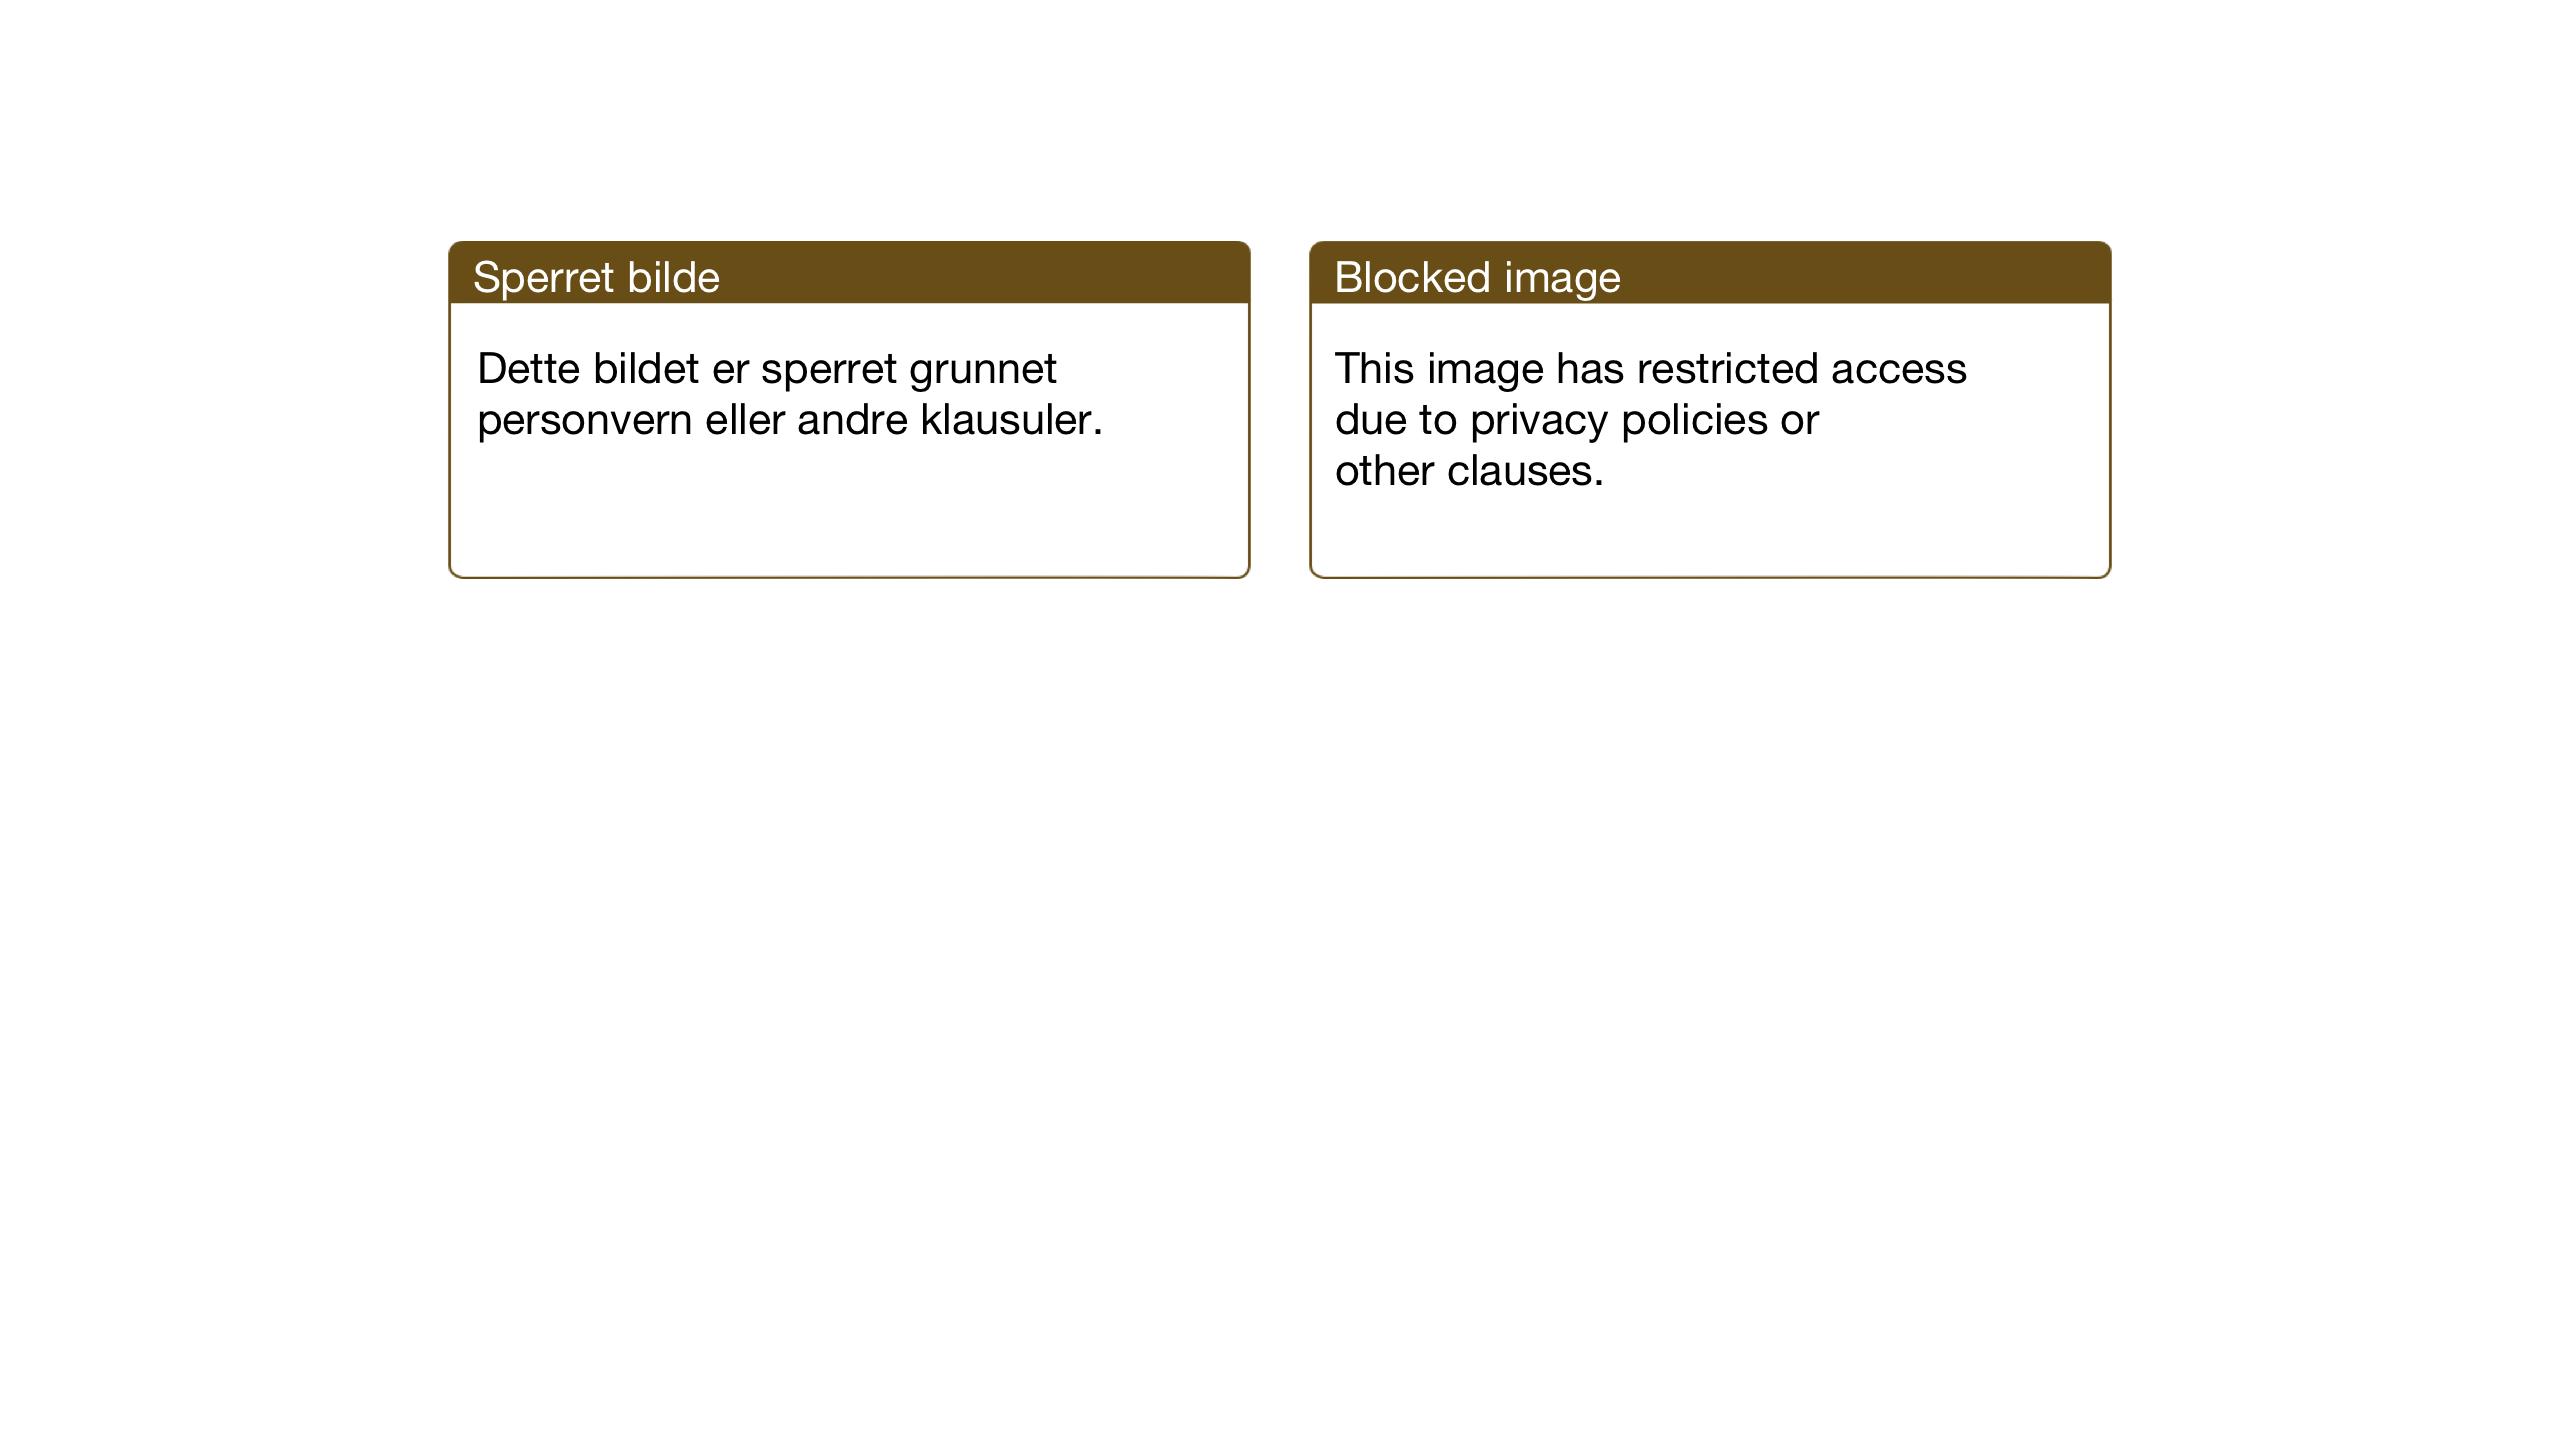 SAT, Ministerialprotokoller, klokkerbøker og fødselsregistre - Nord-Trøndelag, 732/L0319: Klokkerbok nr. 732C03, 1911-1945, s. 69